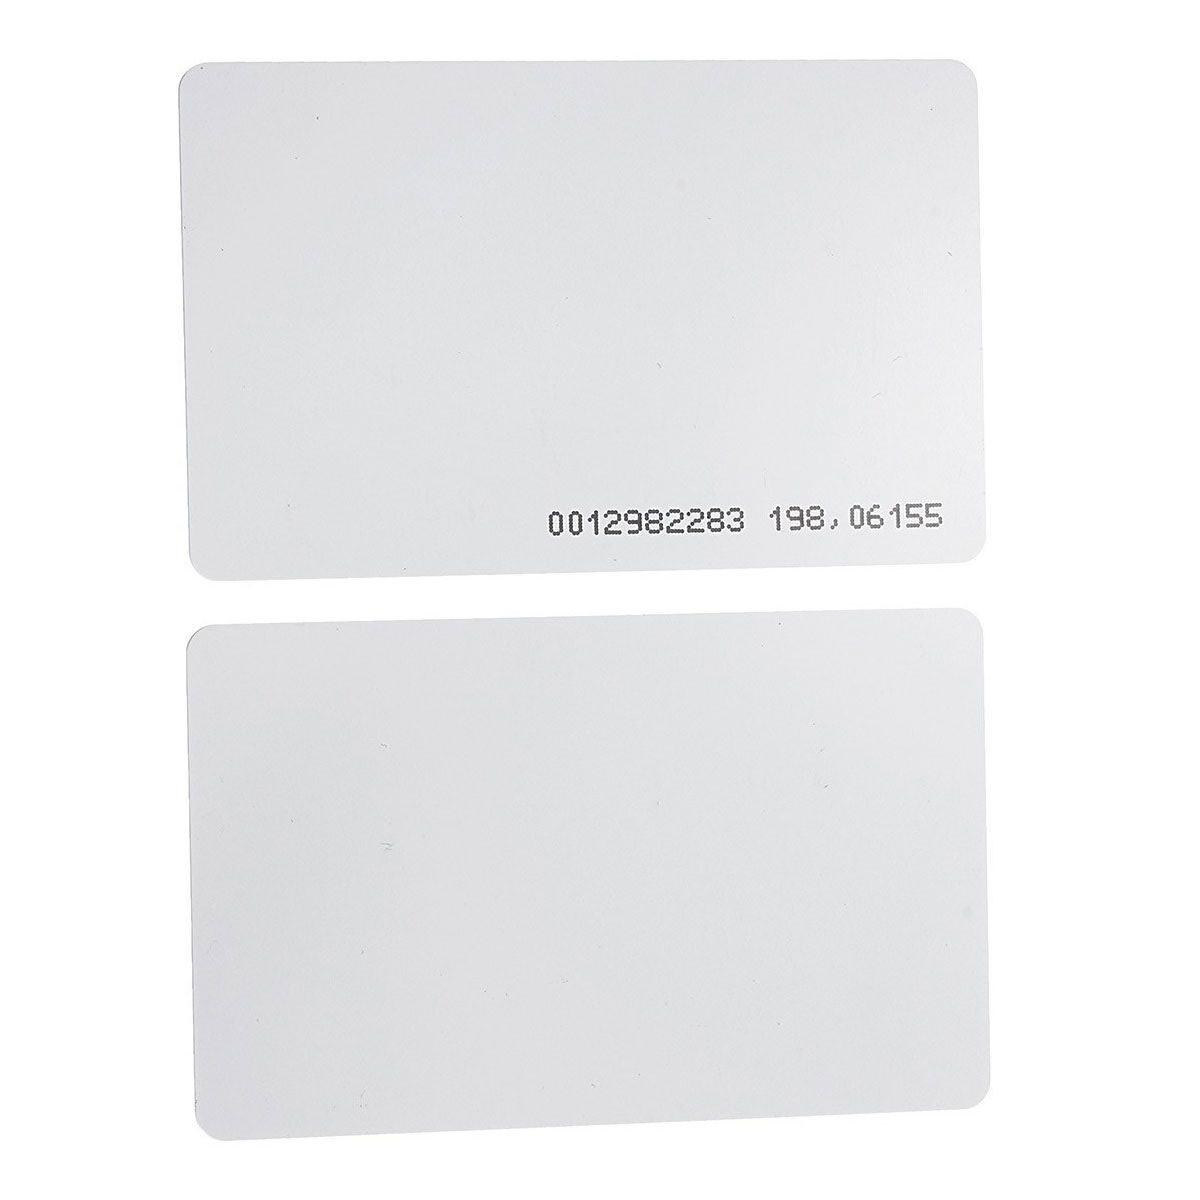 Cartão RFID 125 KHz PVC - 1 unidade